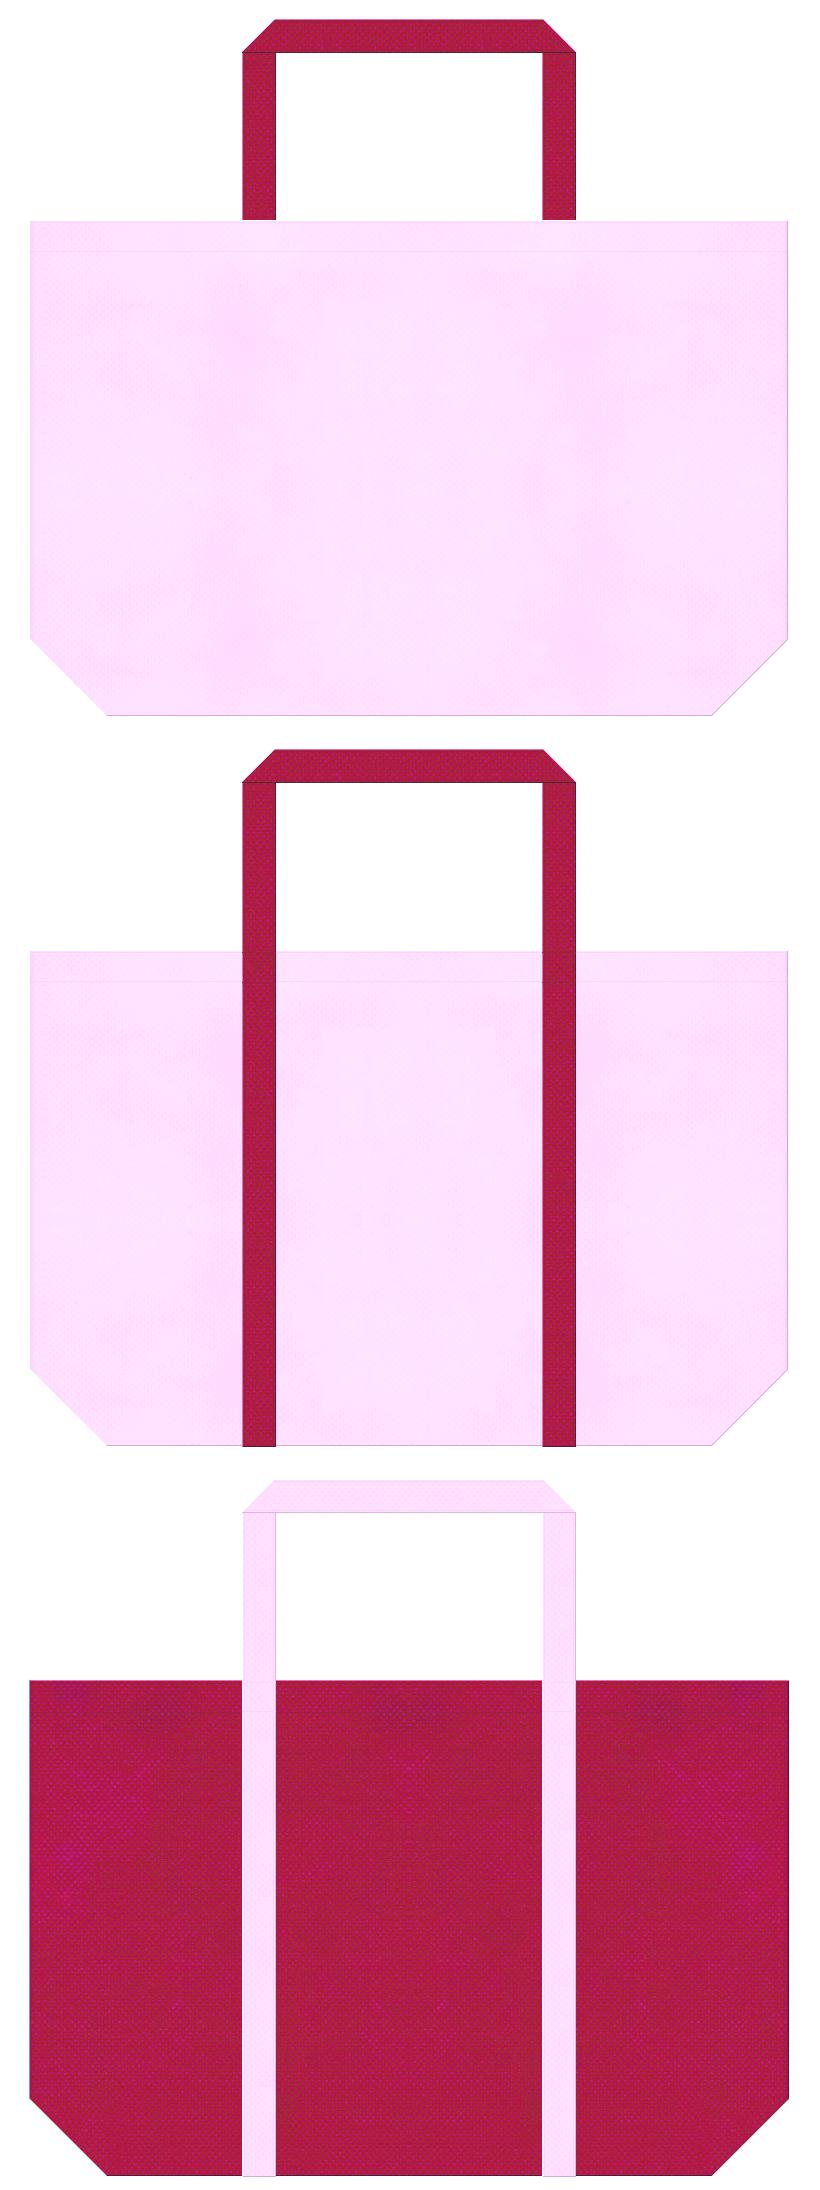 明るいピンク色と濃いピンク色の不織布ショッピングバッグデザイン:フラミンゴ・バタフライのイメージでガーリーファッションのショッピングバッグにお奨めです。